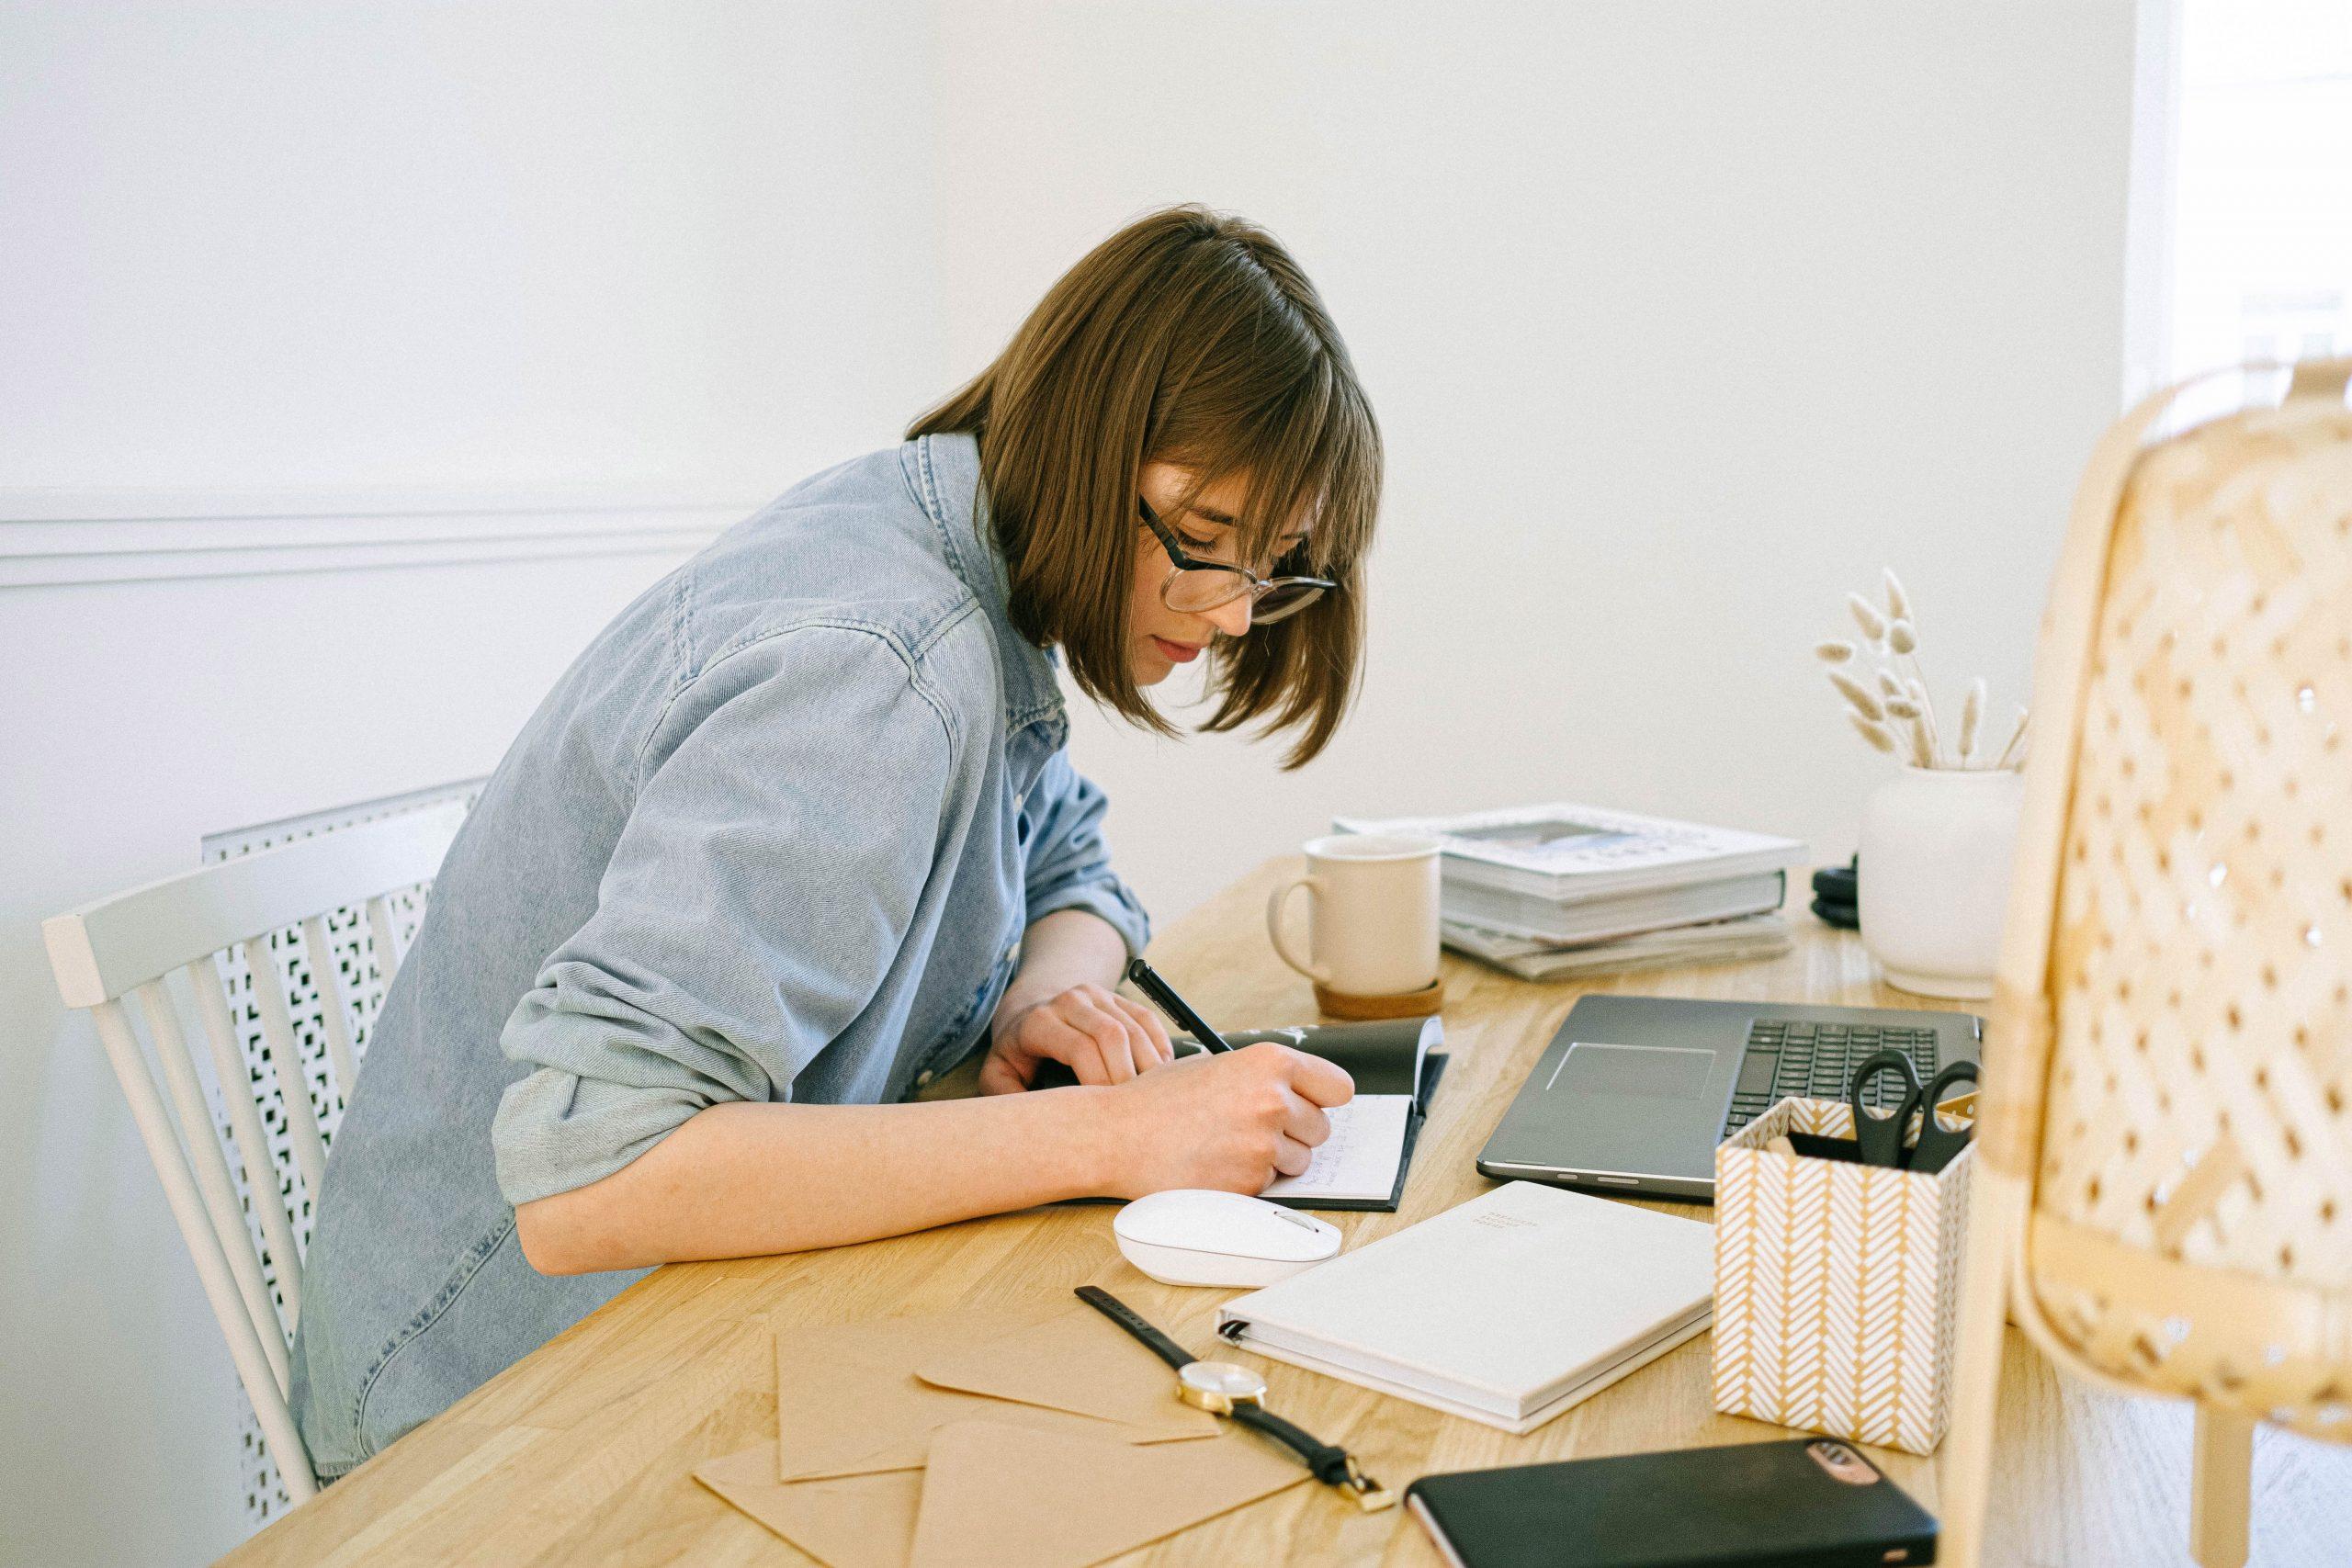 ¿Qué tan productivo puede resultar el multitasking?